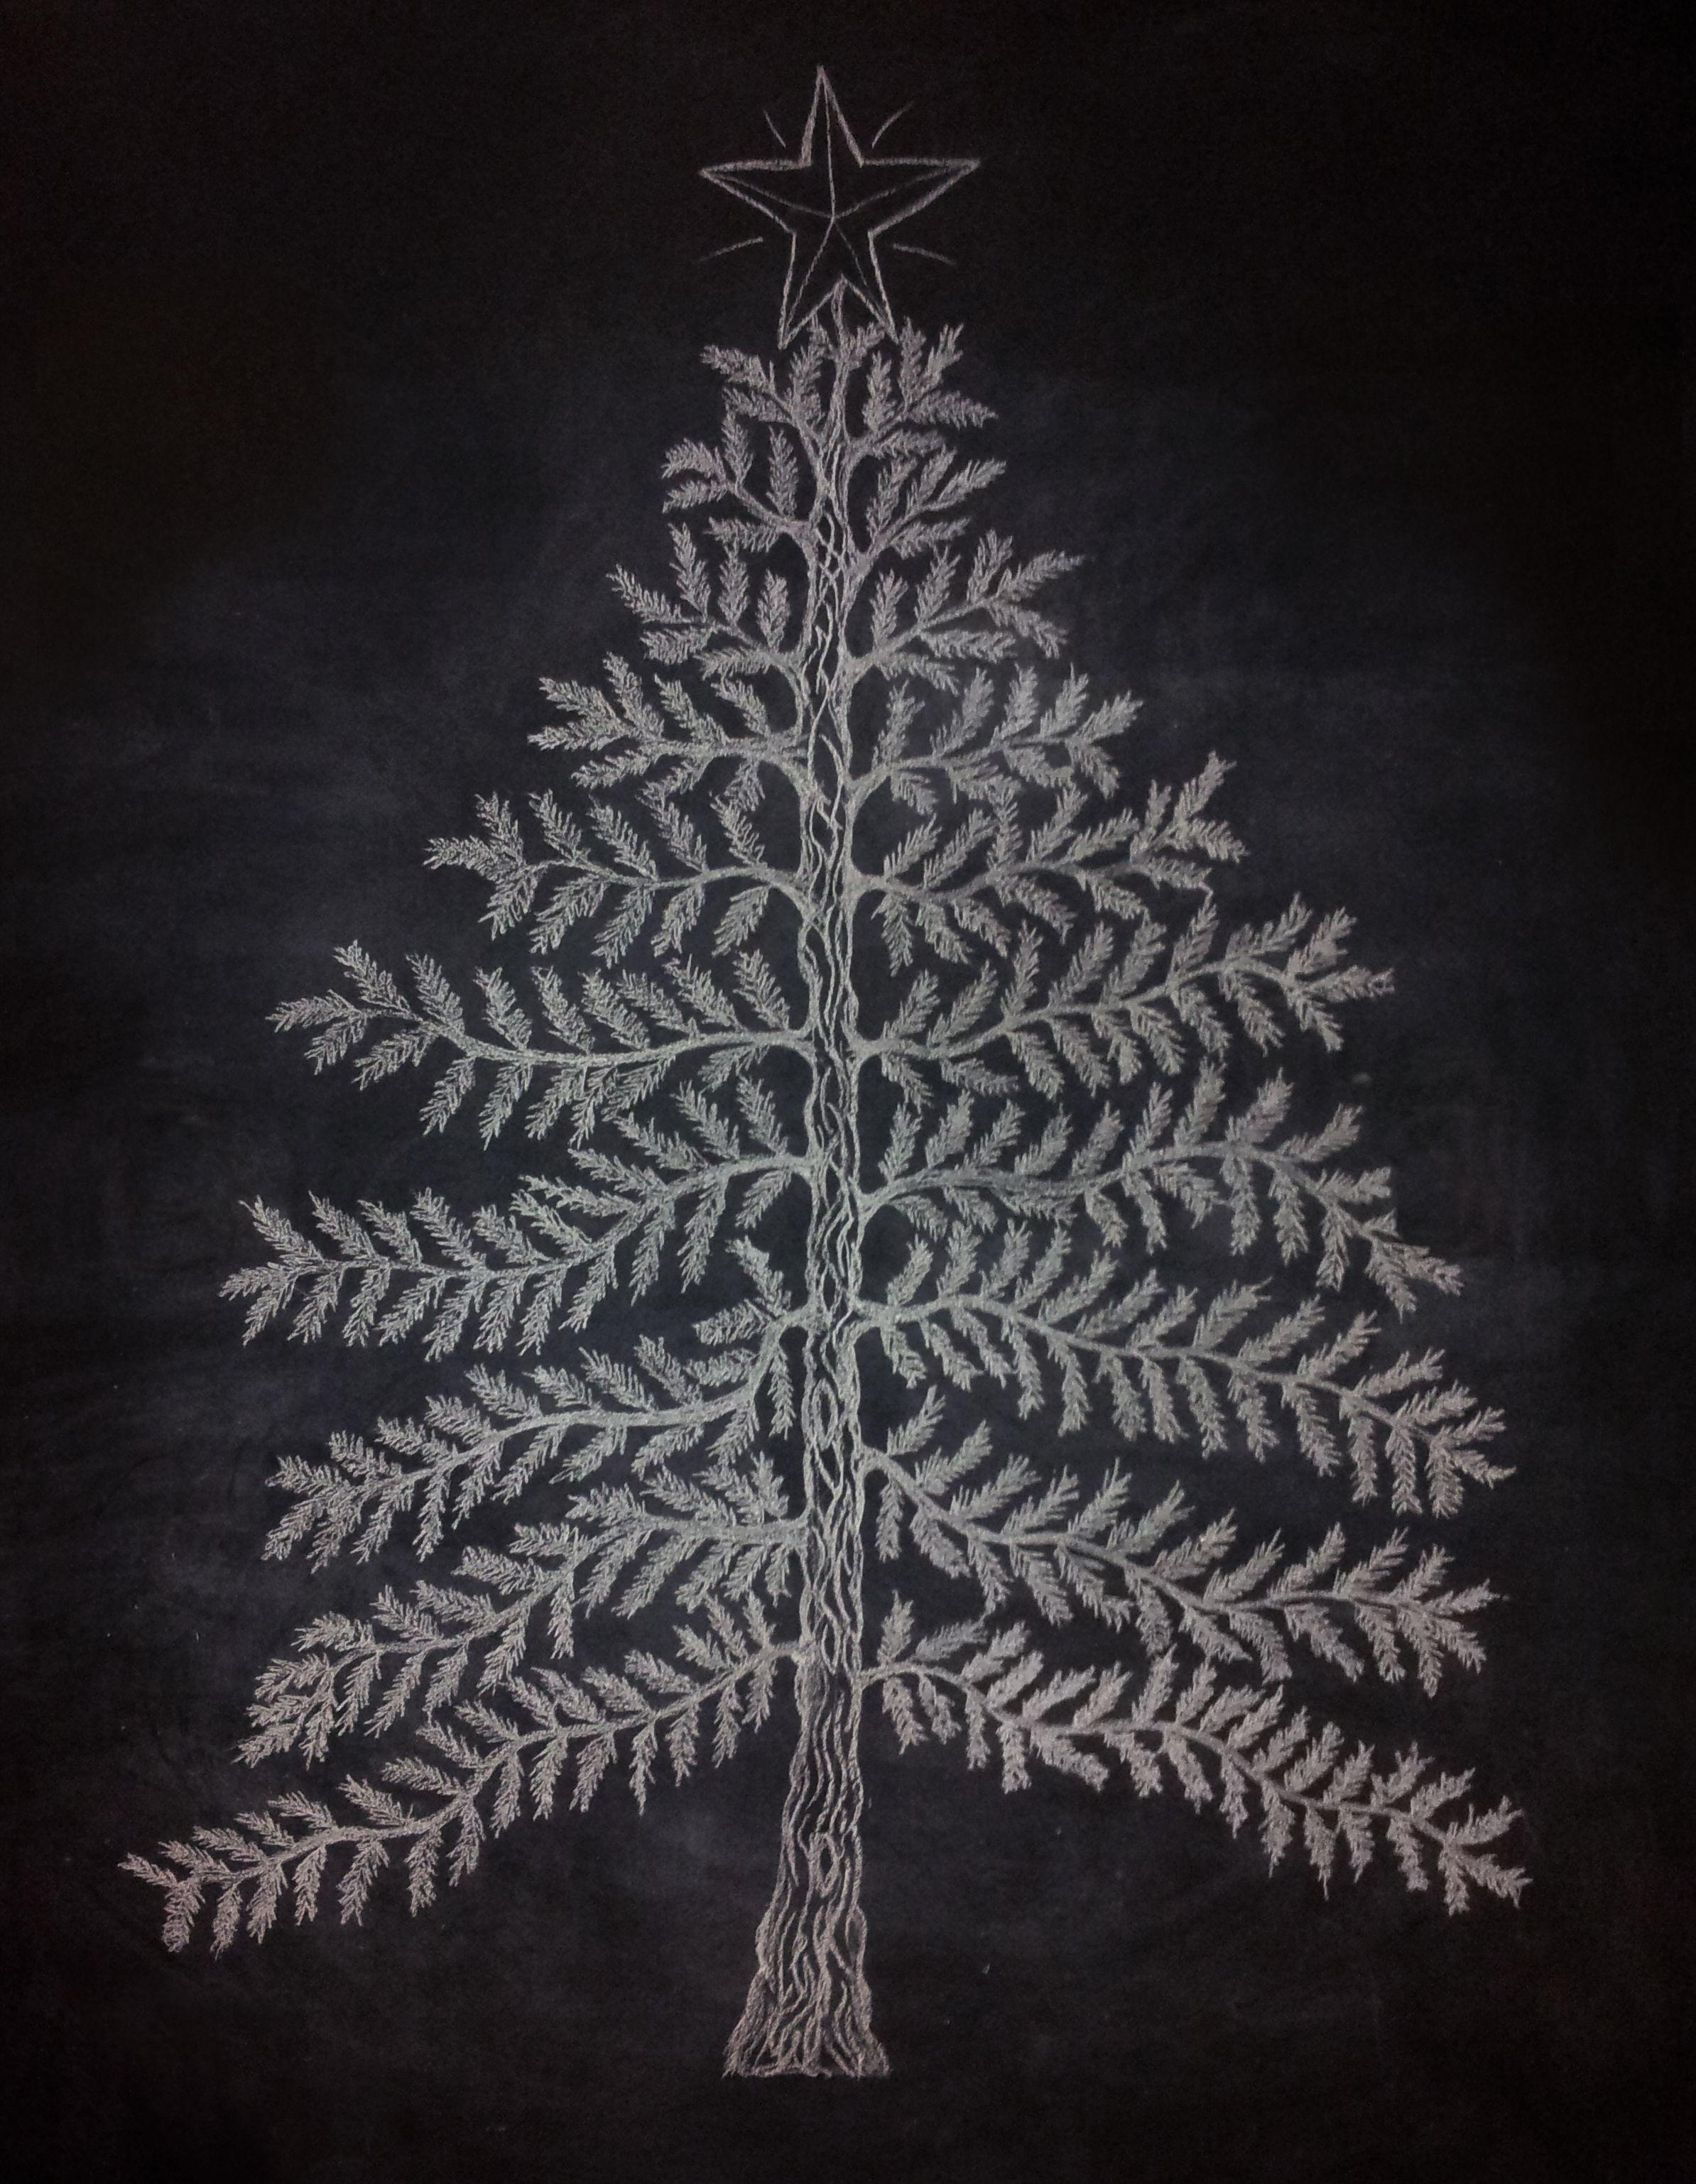 My Christmas Tree Chalkboard Wall Christmas Tree Drawing Small Christmas Trees Christmas Chalkboard